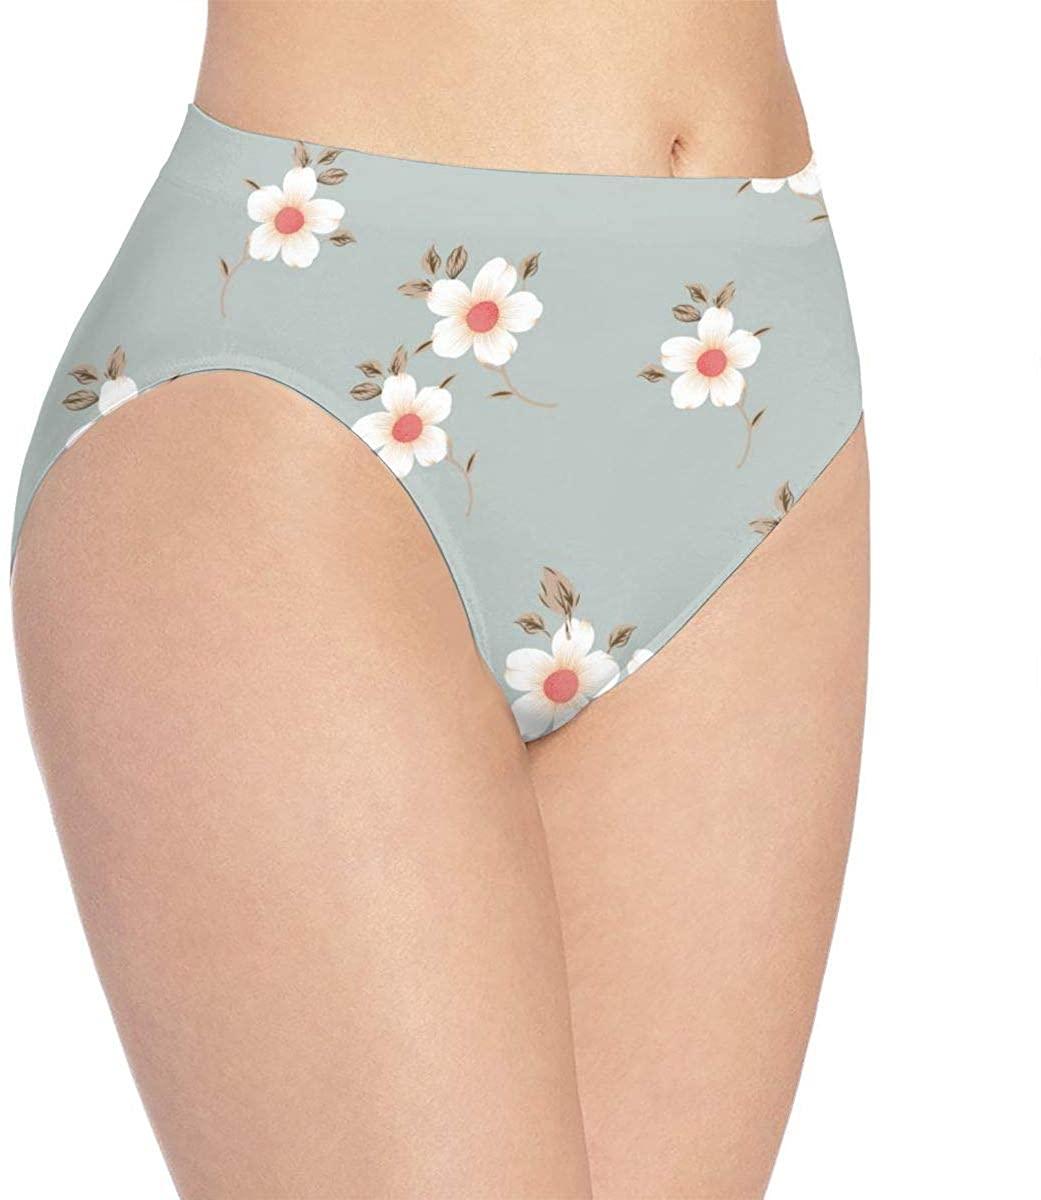 Womens Underwear Cute Pretty Flowers Chic Floral Hot Bikini Brief Hipster Panties Panty Ladies